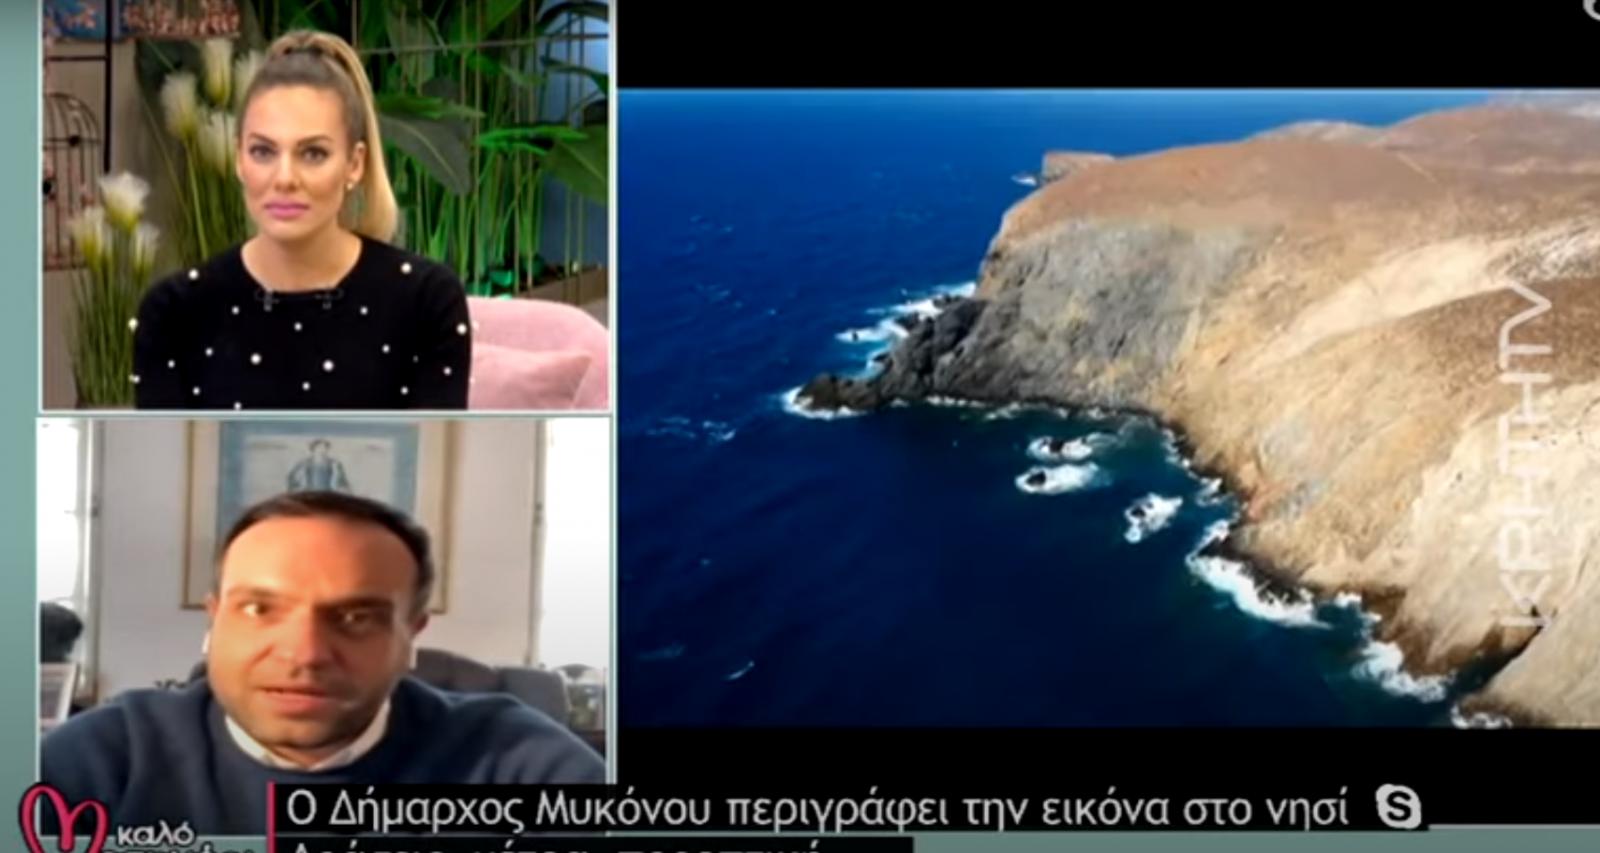 Δήμαρχος Μυκόνου: «Οι Μυκονιάτες αγαπούν την Κρήτη και τους Κρητικούς»